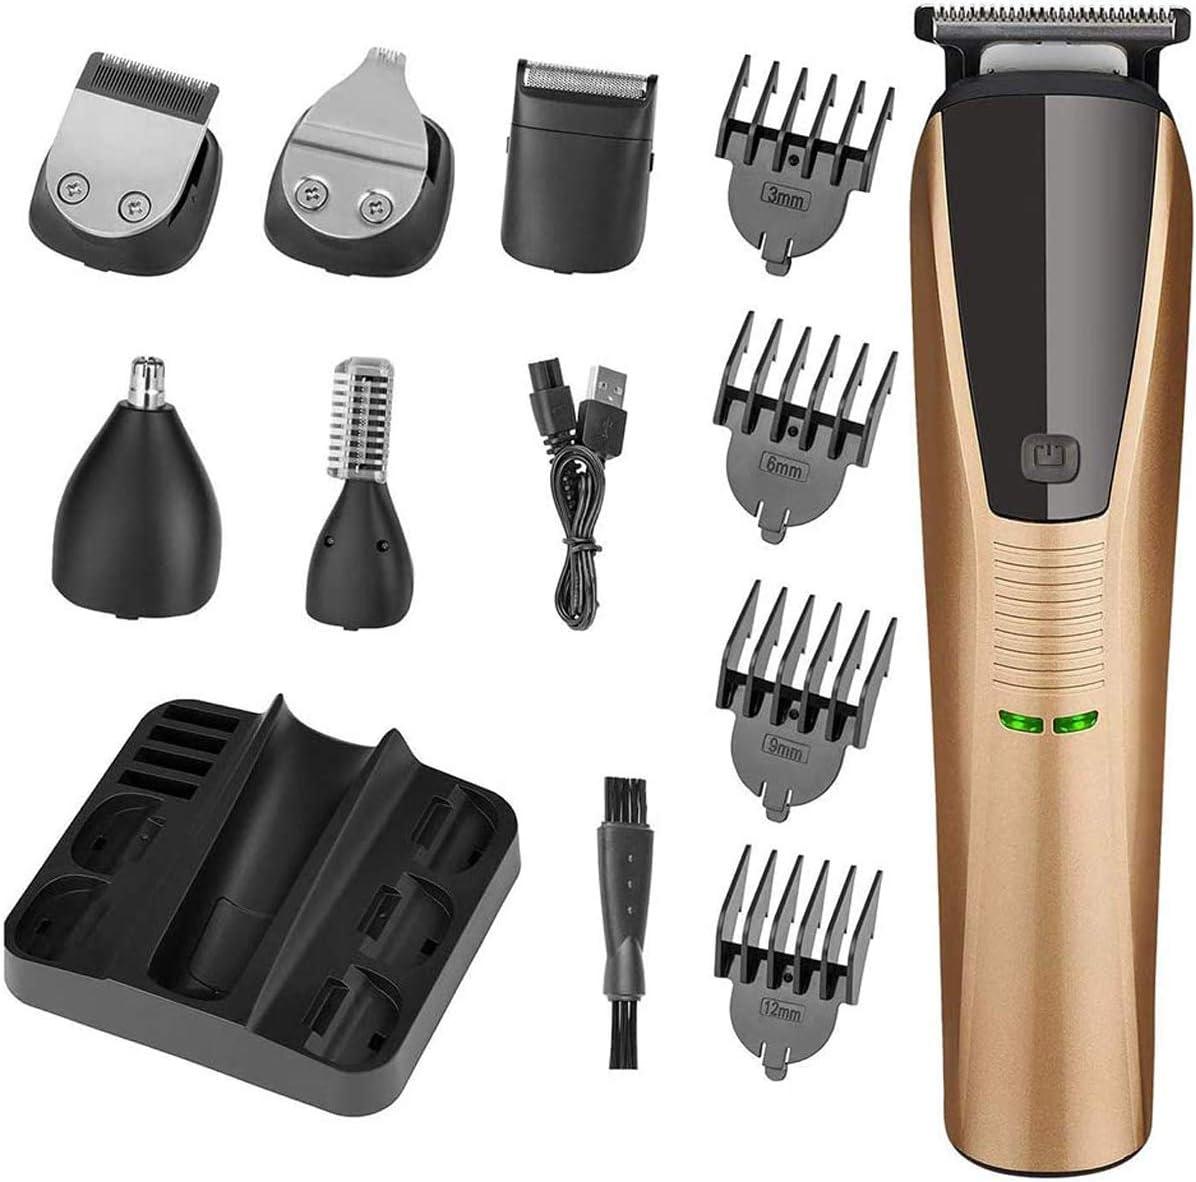 Cortapelos Profesional Máquina de cortar el pelo para Hombres Eléctrica Kit Cortapelos Cortapelos con batería para adultos niños y mascotas